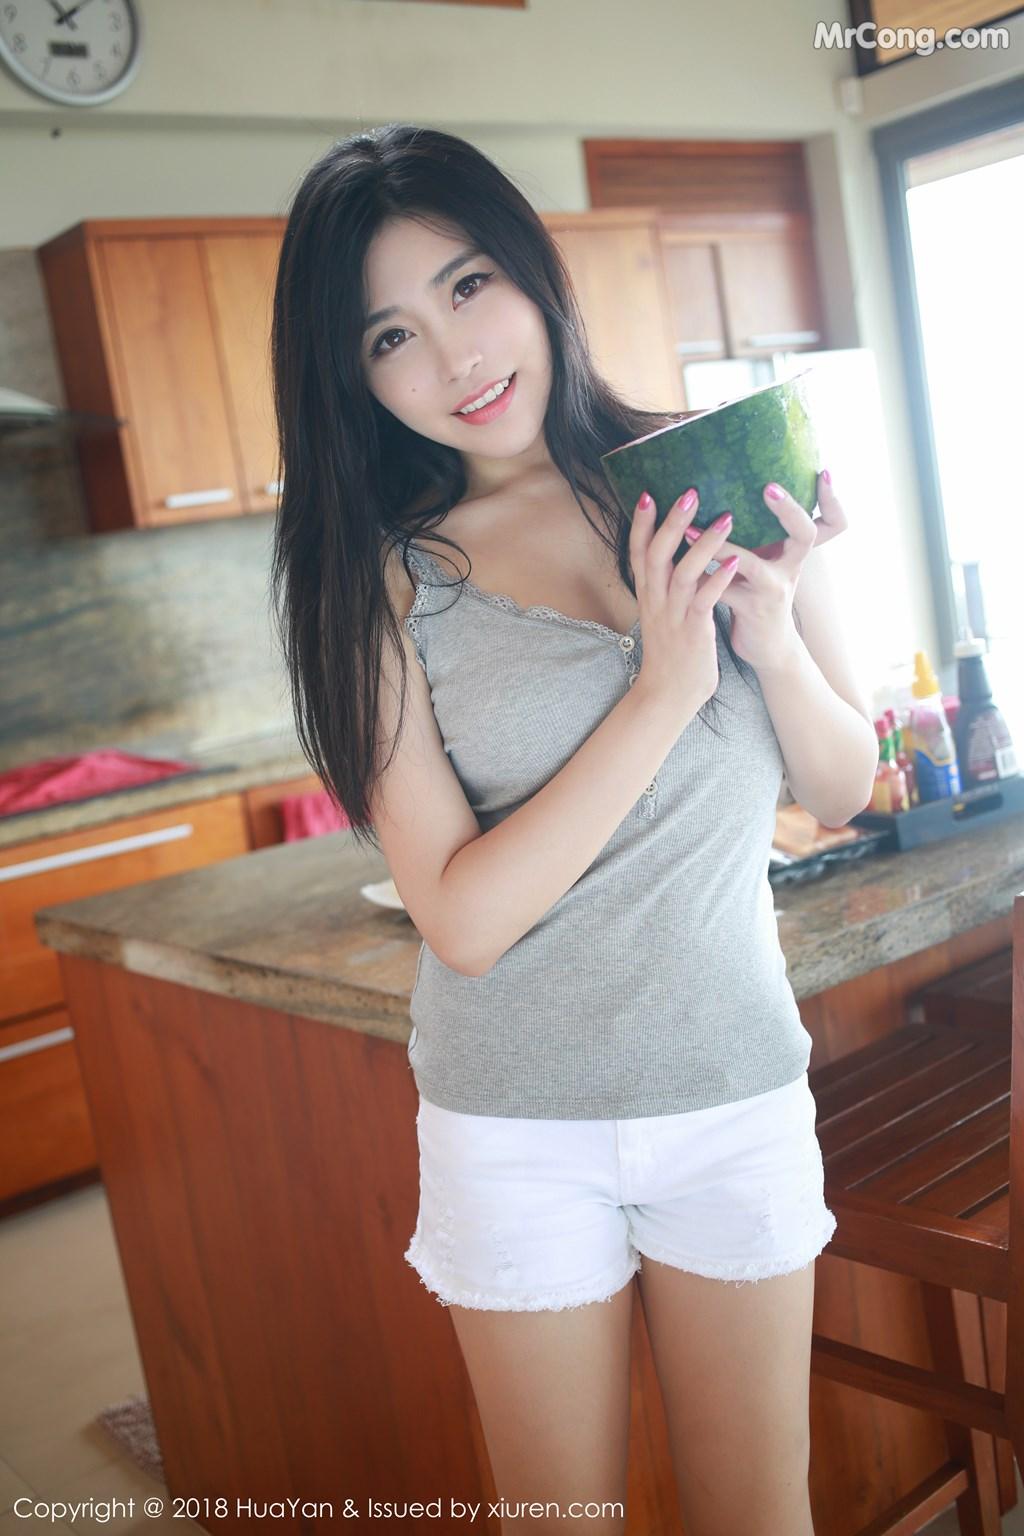 Image HuaYan-Vol.054-Sabrina-Xu-Nuo-MrCong.com-006 in post HuaYan Vol.054: Người mẫu Sabrina (许诺) (31 ảnh)